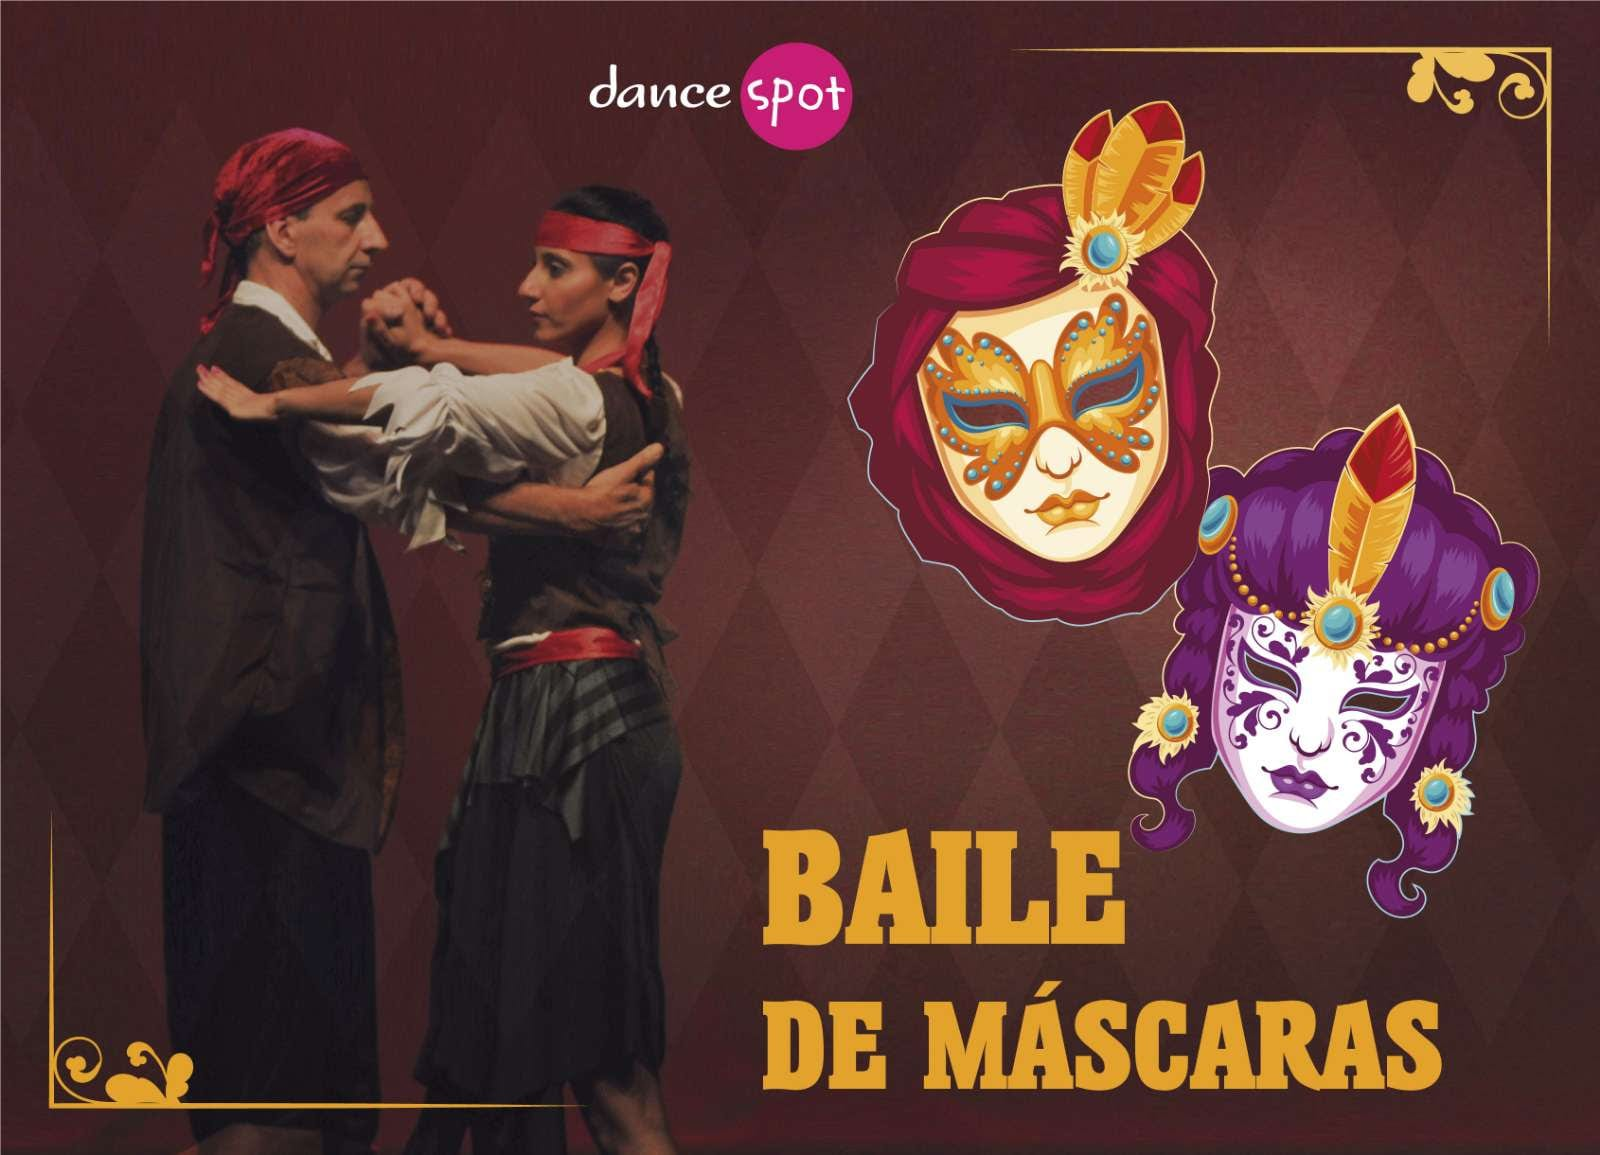 baile de máscaras dancespot